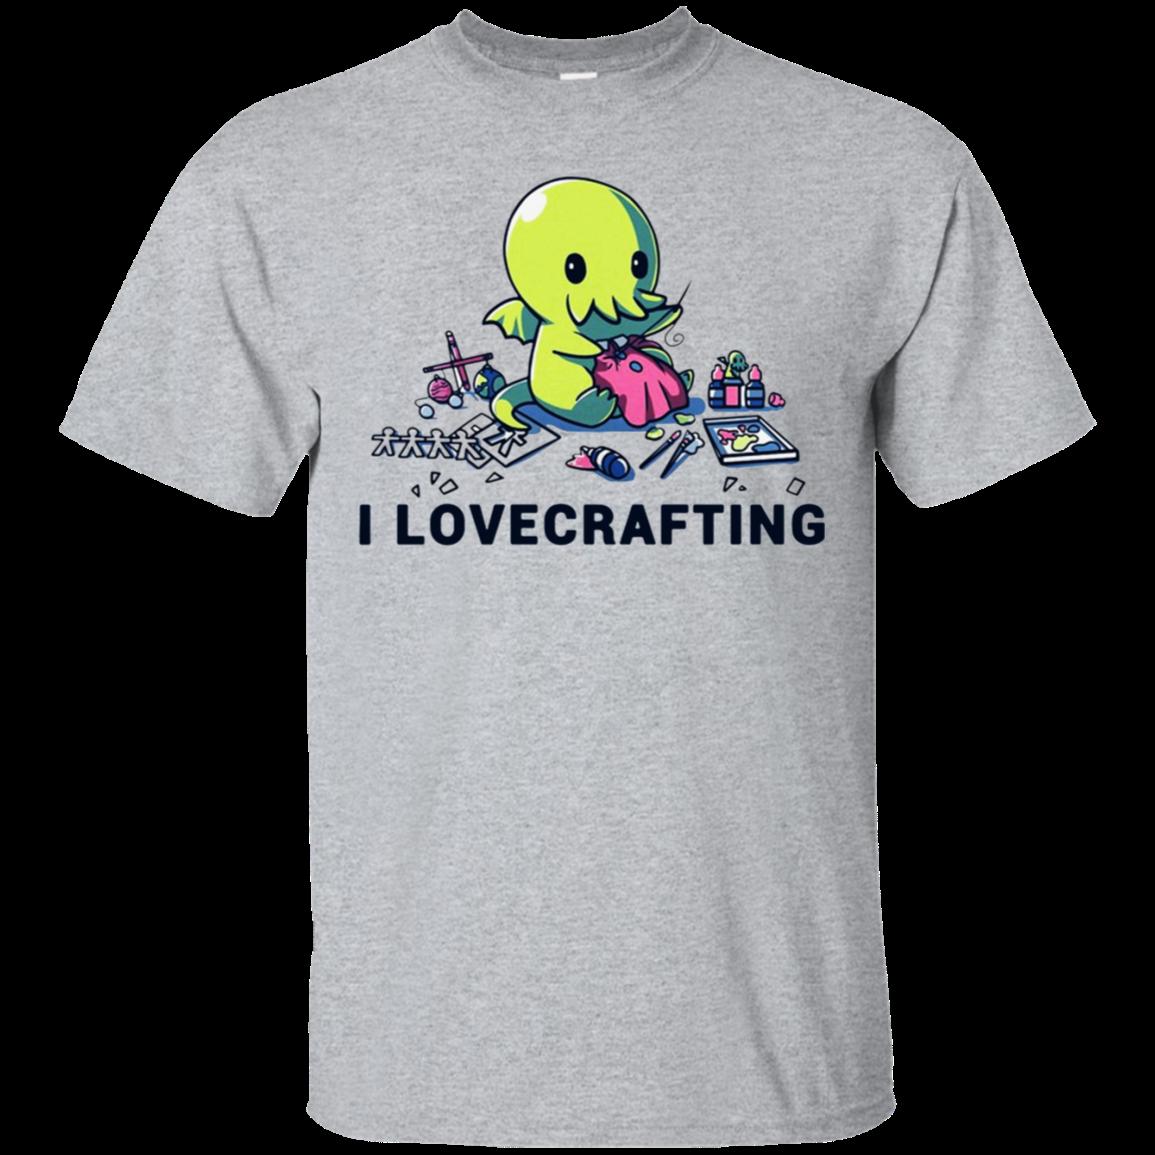 Cthulhu I Lovecrafting Shirt G200 Ultra T Shirt